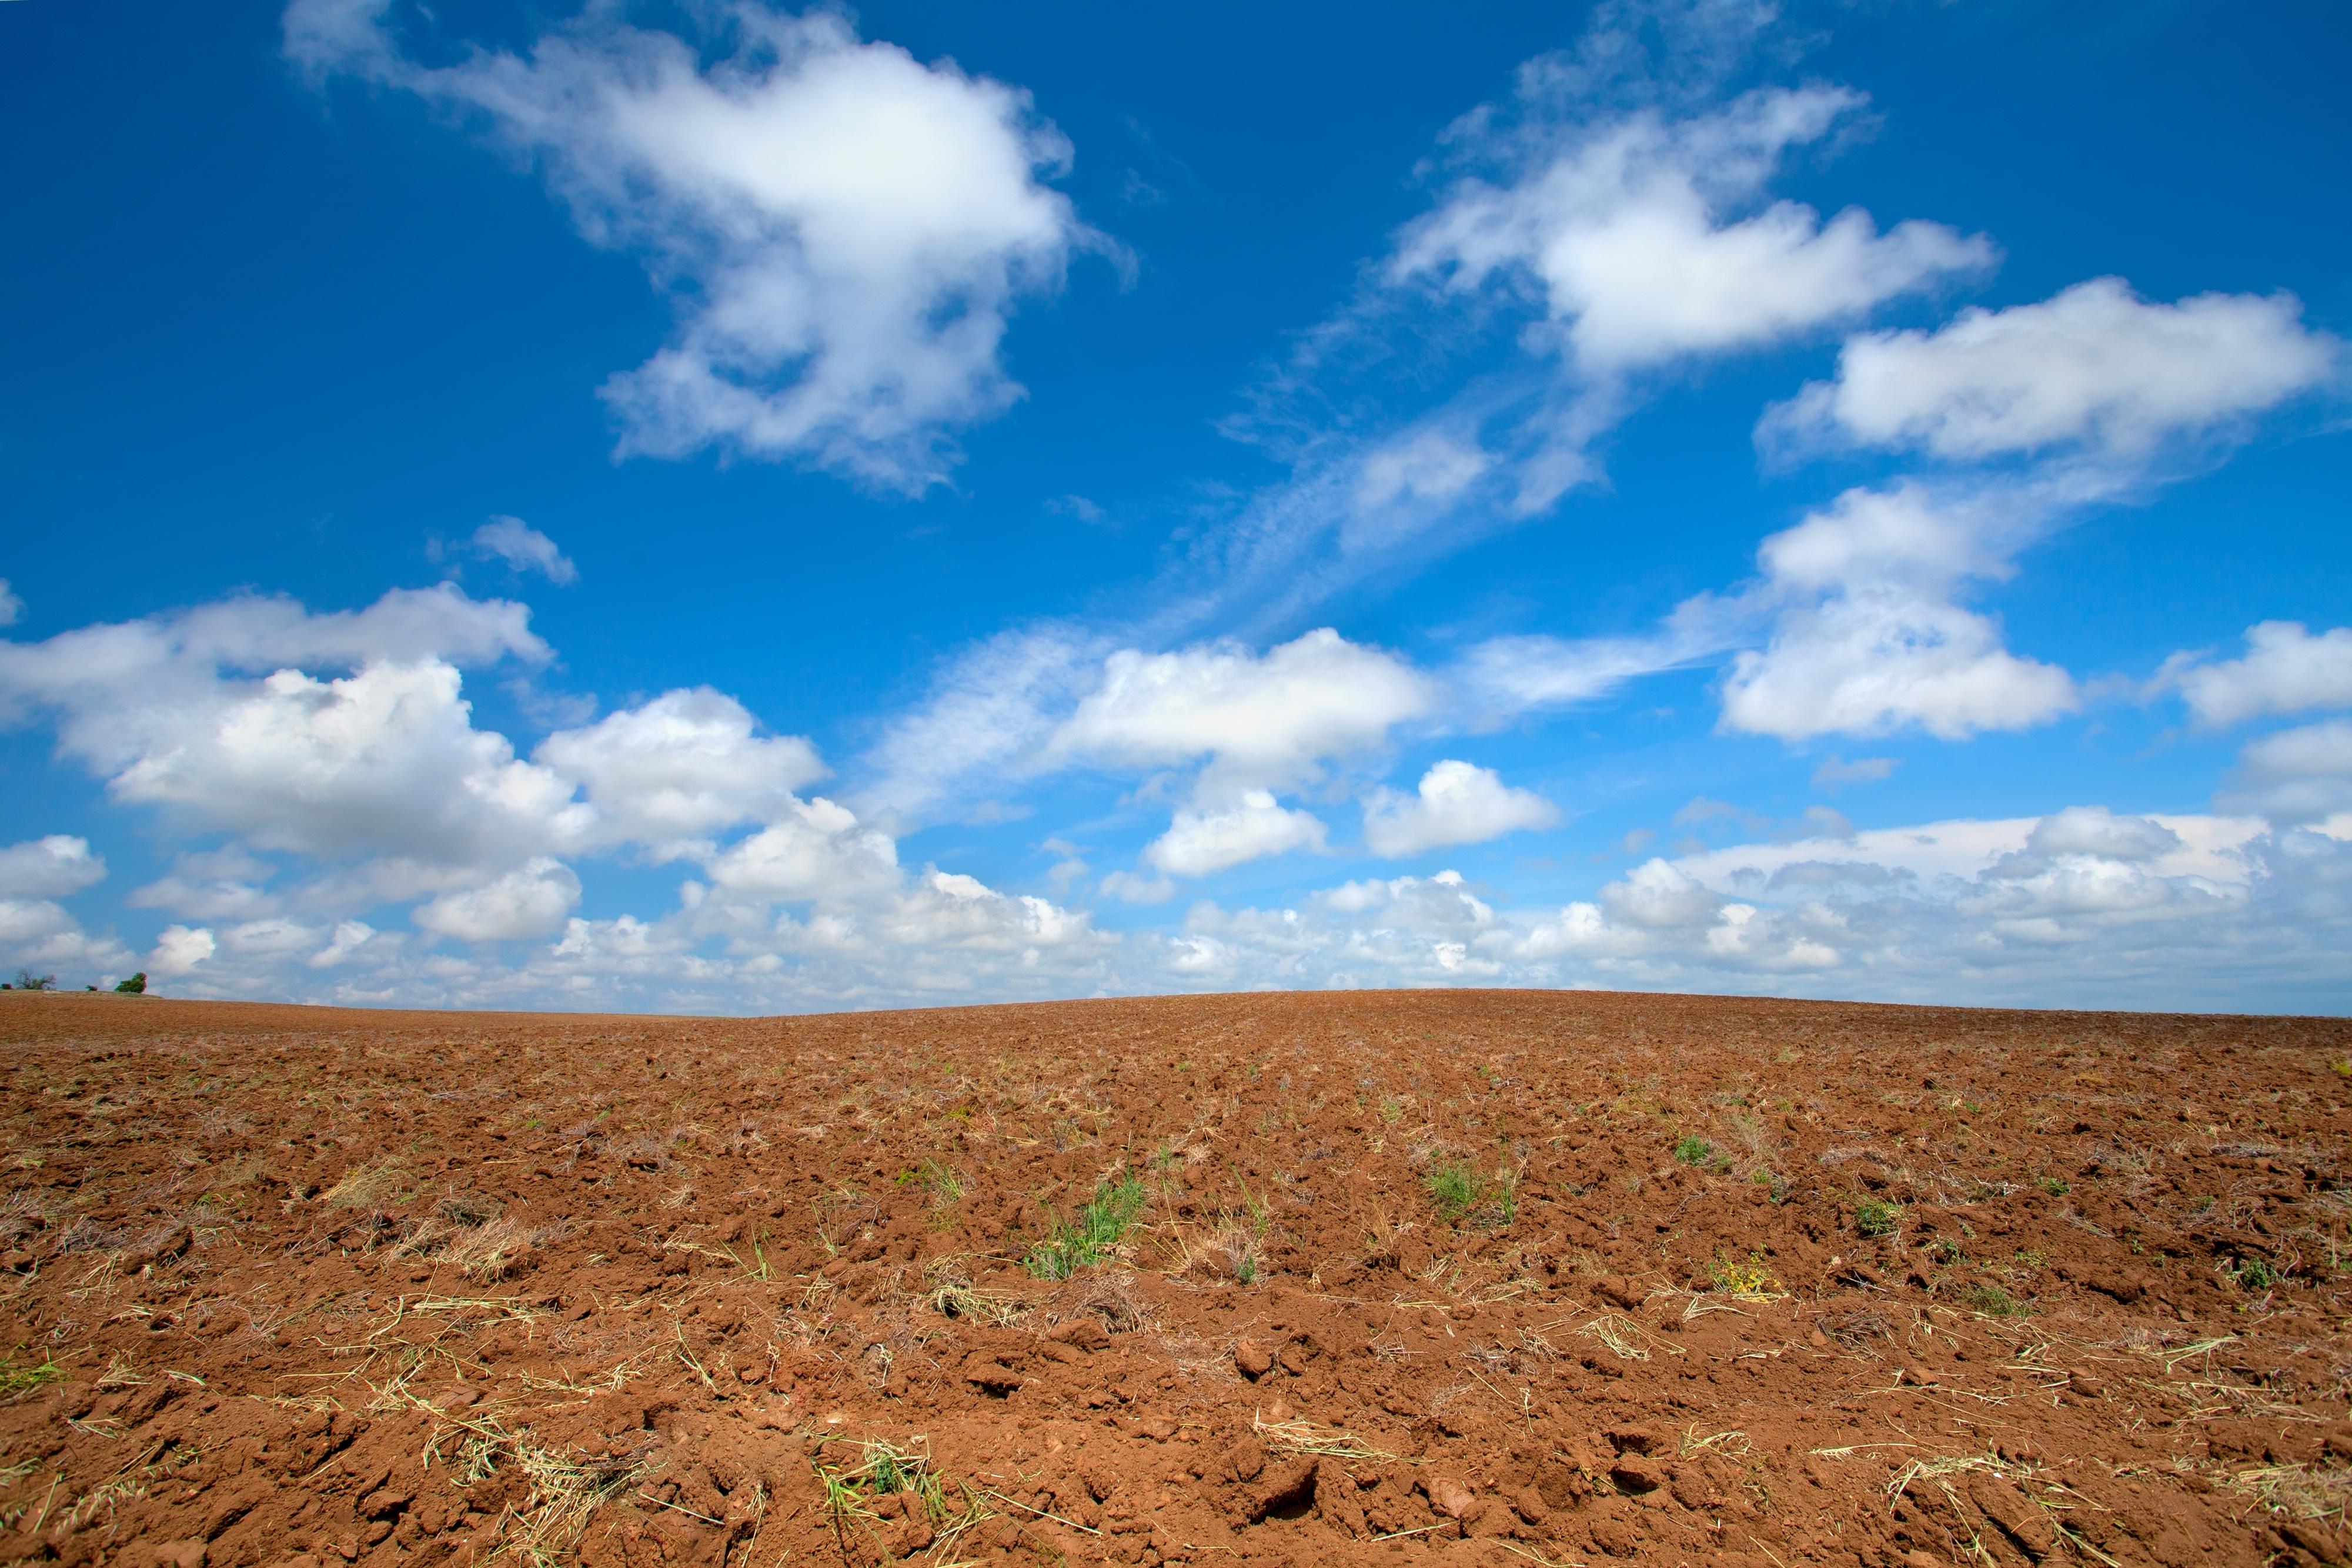 Plowed field with beautiful blue sky Plowed field with beautiful blue sky